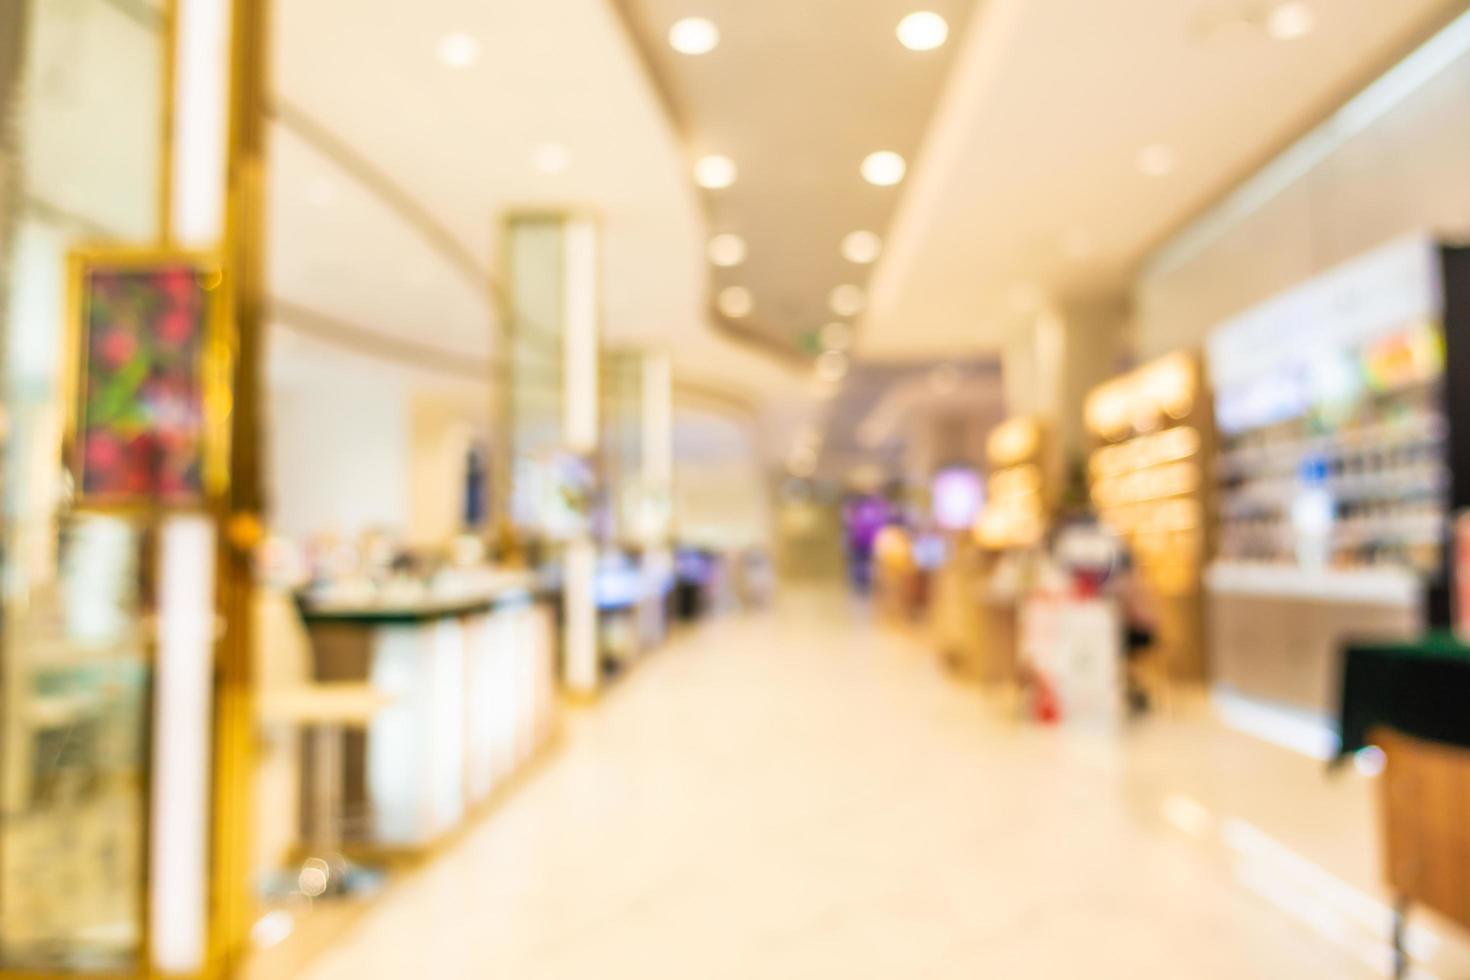 flou abstrait et défocalisation intérieur magnifique centre commercial de luxe photo